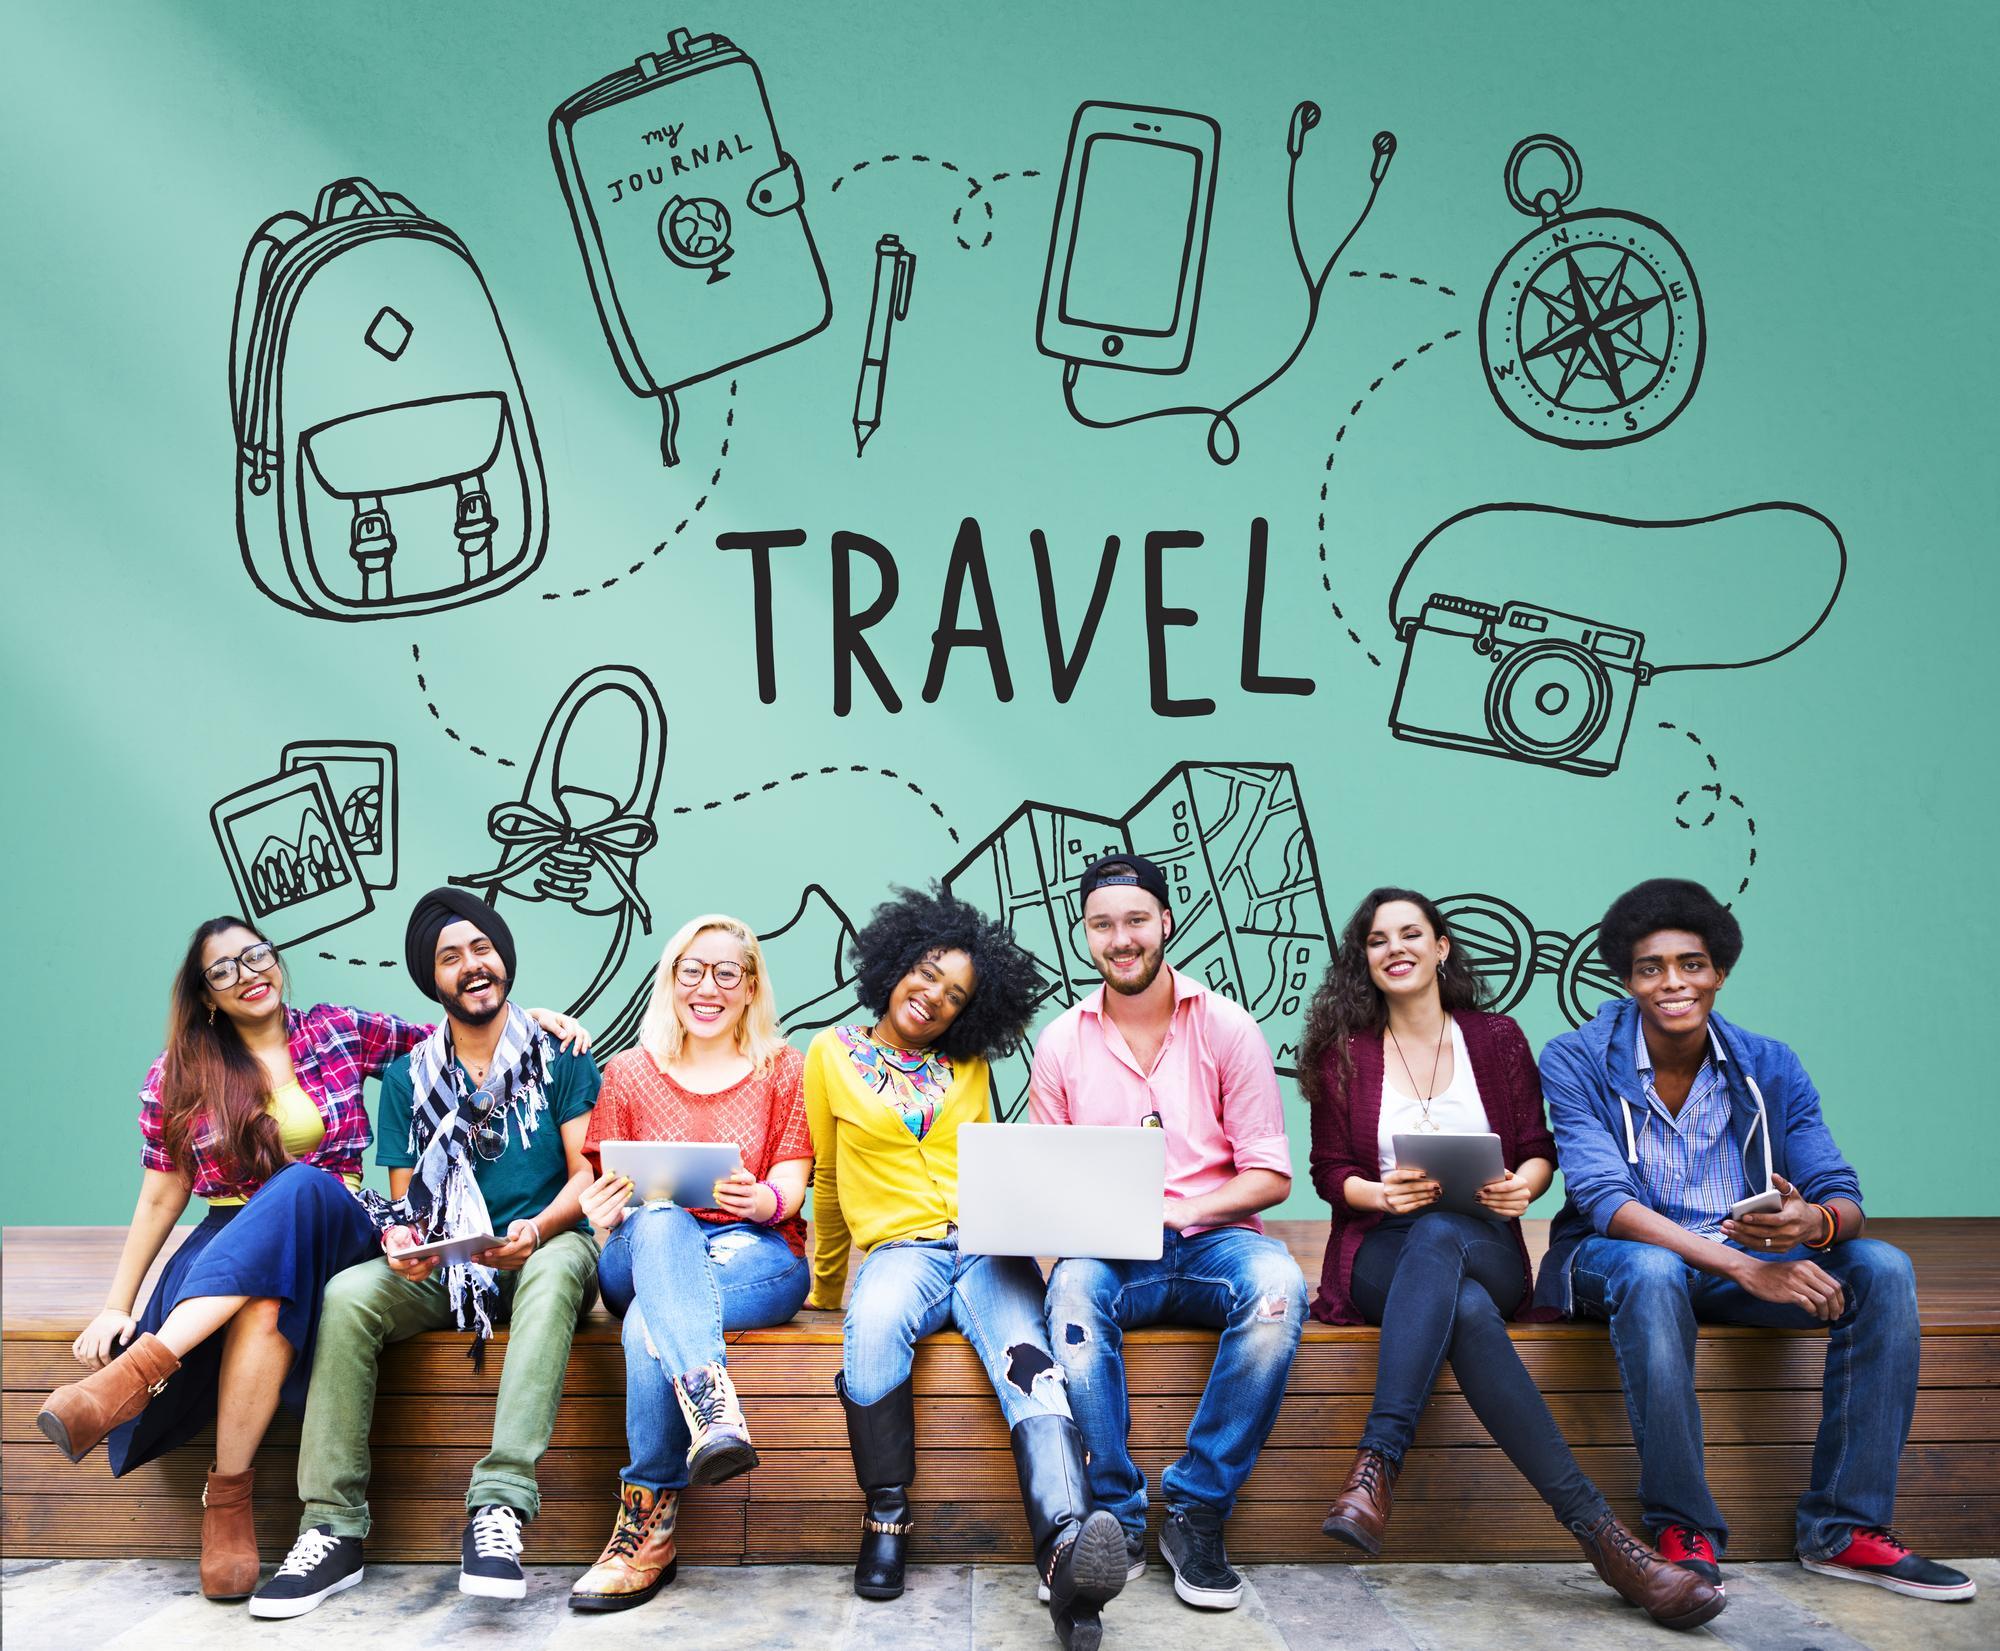 訪日外国人観光客が注目する国内のシェアリングエコノミーサービスとは